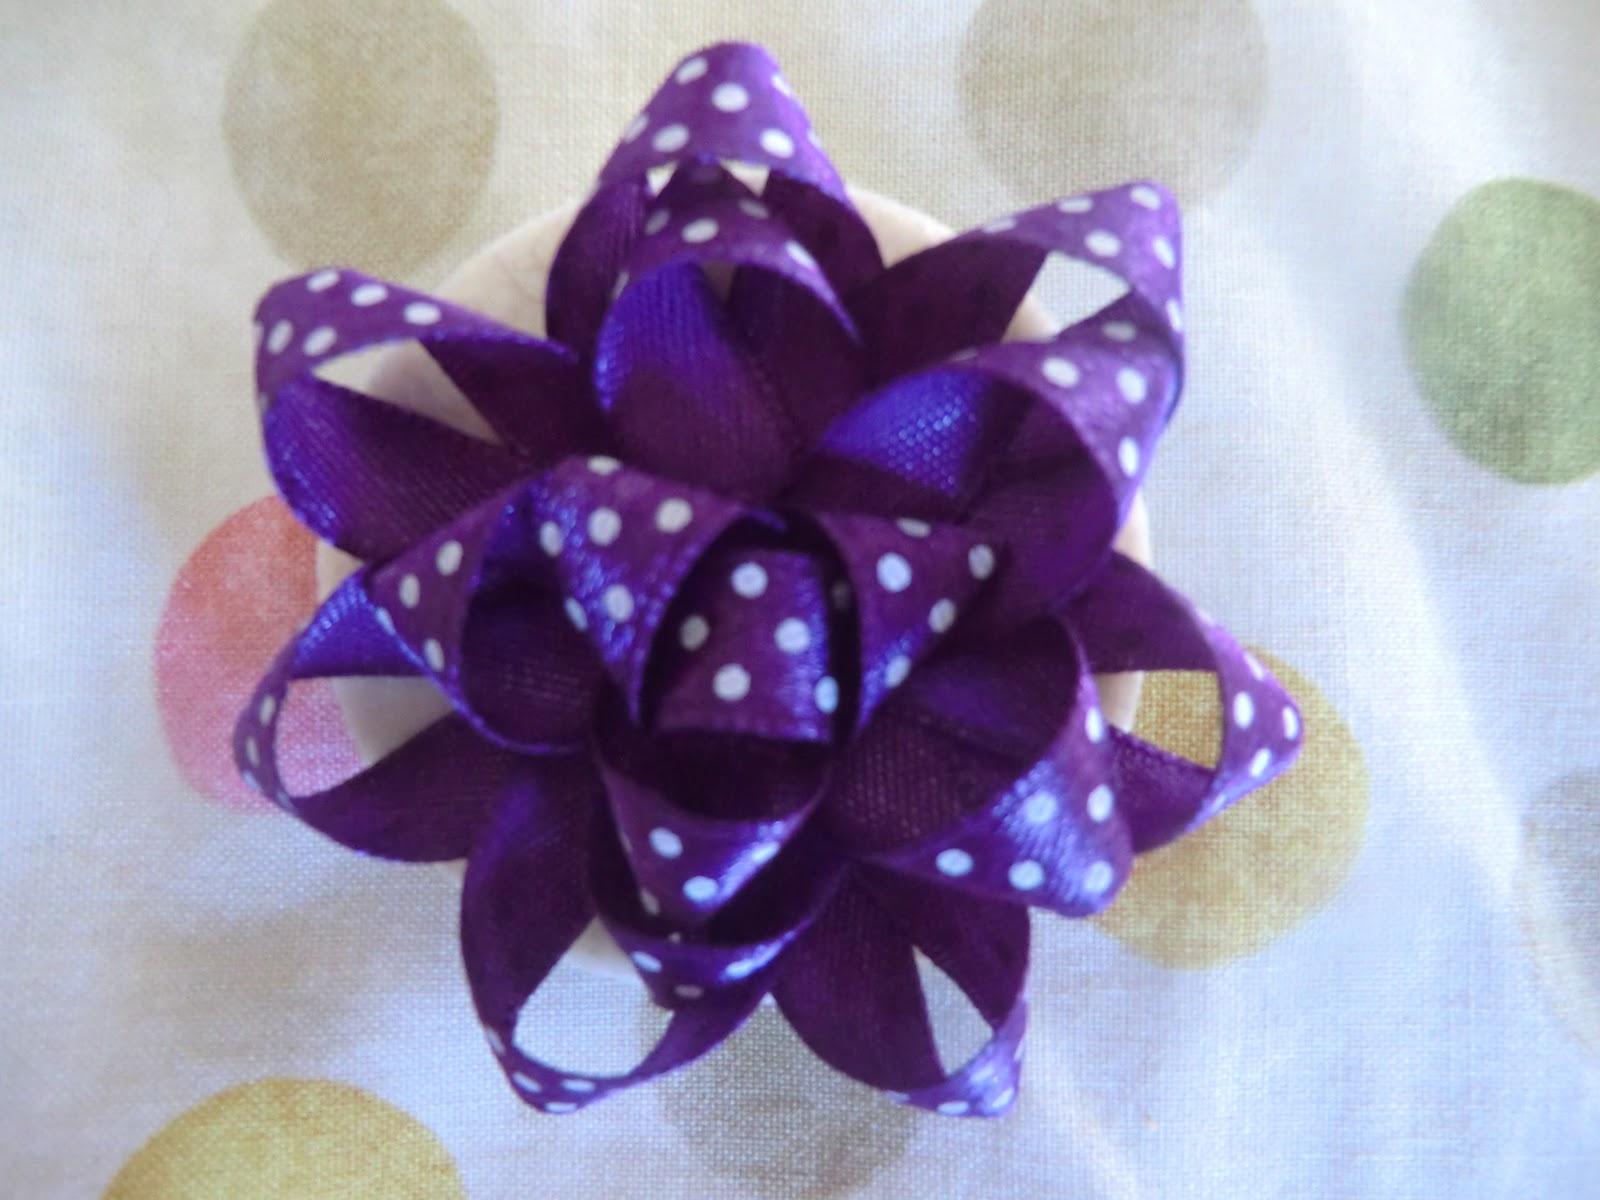 Pin modelos de lazos cintas donkiz venta and post on pinterest - Lazos con cintas ...